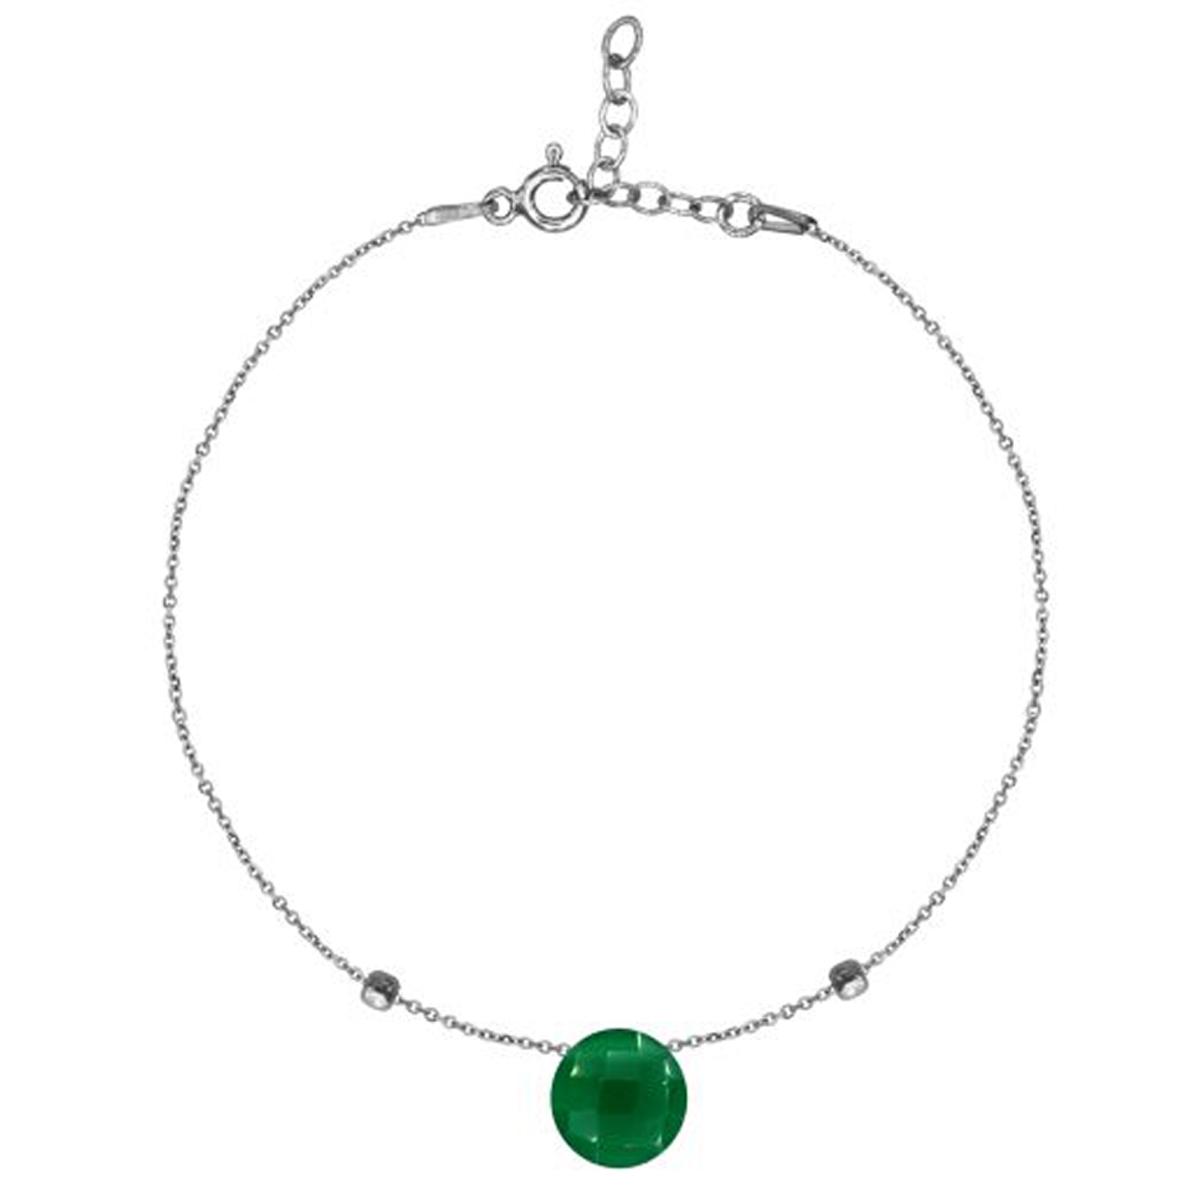 Bracelet Argent \'Meghan\' calcédoine verte argenté (rhodié) - 8 mm - [R3004]